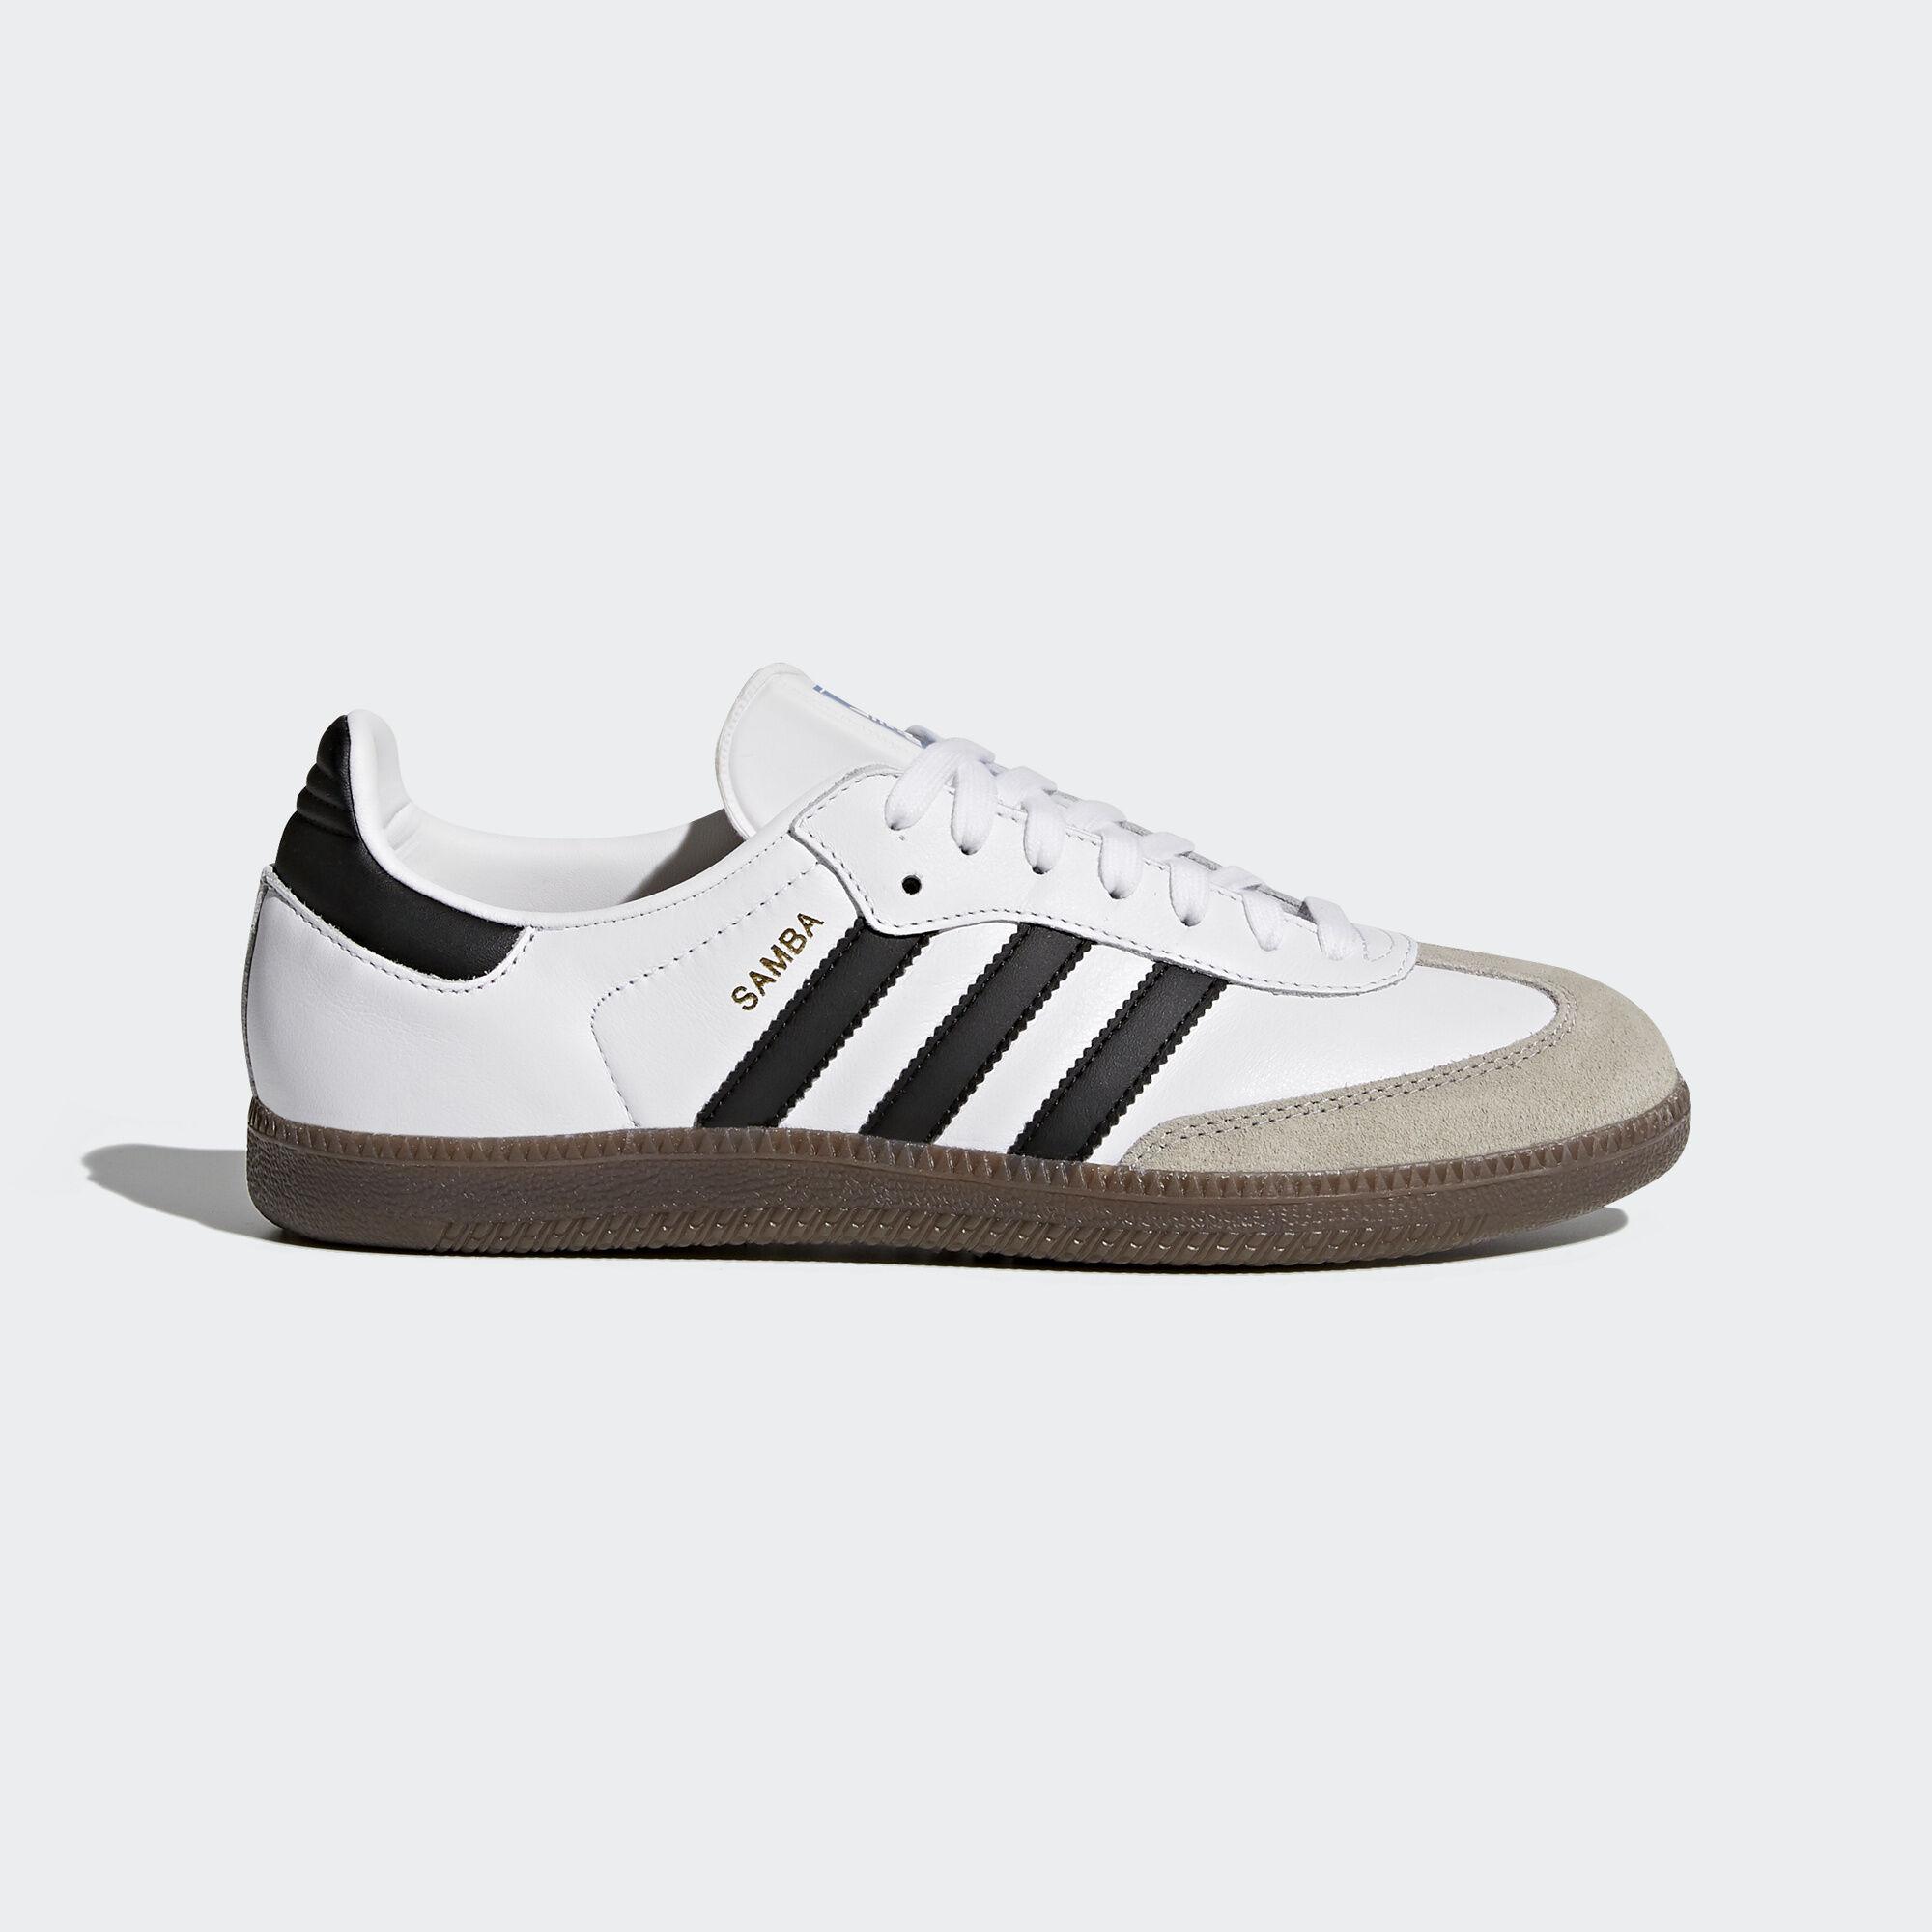 Freies Verschiffen 2018 Neue Günstig Kaufen Neueste SAMBA - Sneaker low - footwear white/clear green/clear granite Rabatt-Codes Wirklich Billig Billig Bestseller r7fwKfUy